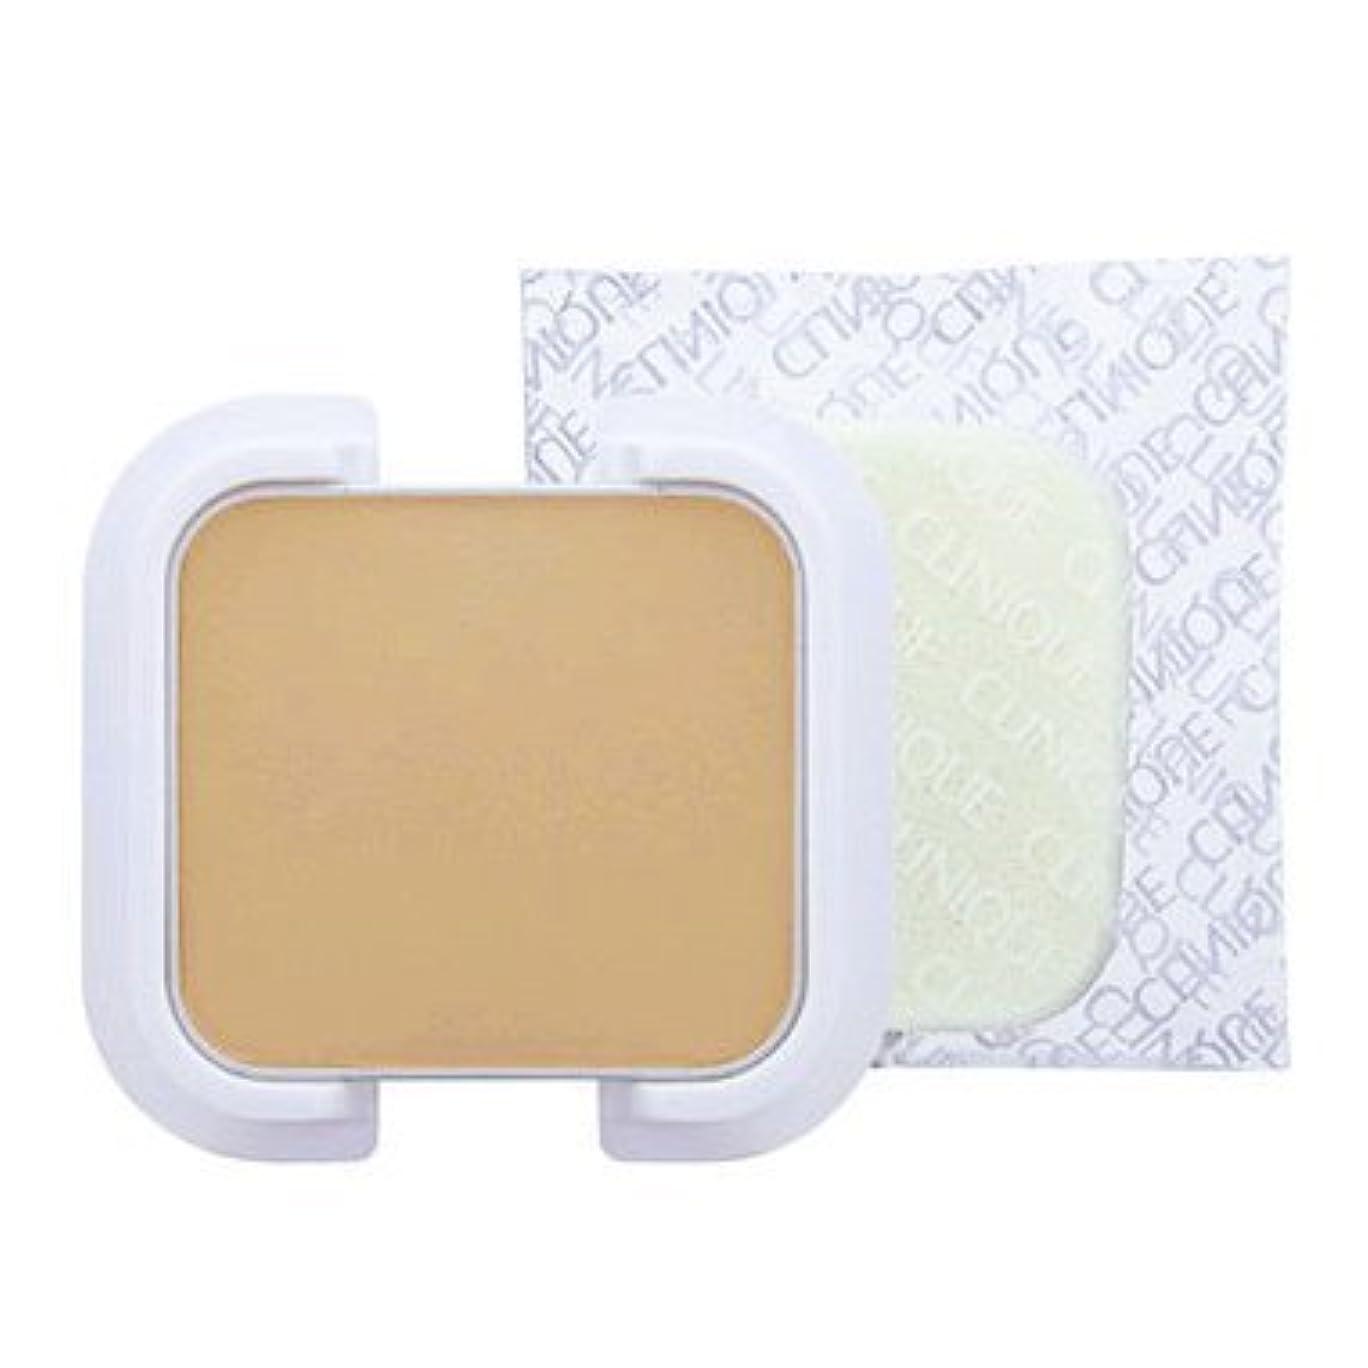 チャネル正確なアンプCLINIQUE クリニーク イーブン ベター パウダー メークアップ ウォーター ヴェール 27 (リフィル) #64 cream beige SPF27/PA+++ 10g [並行輸入品]